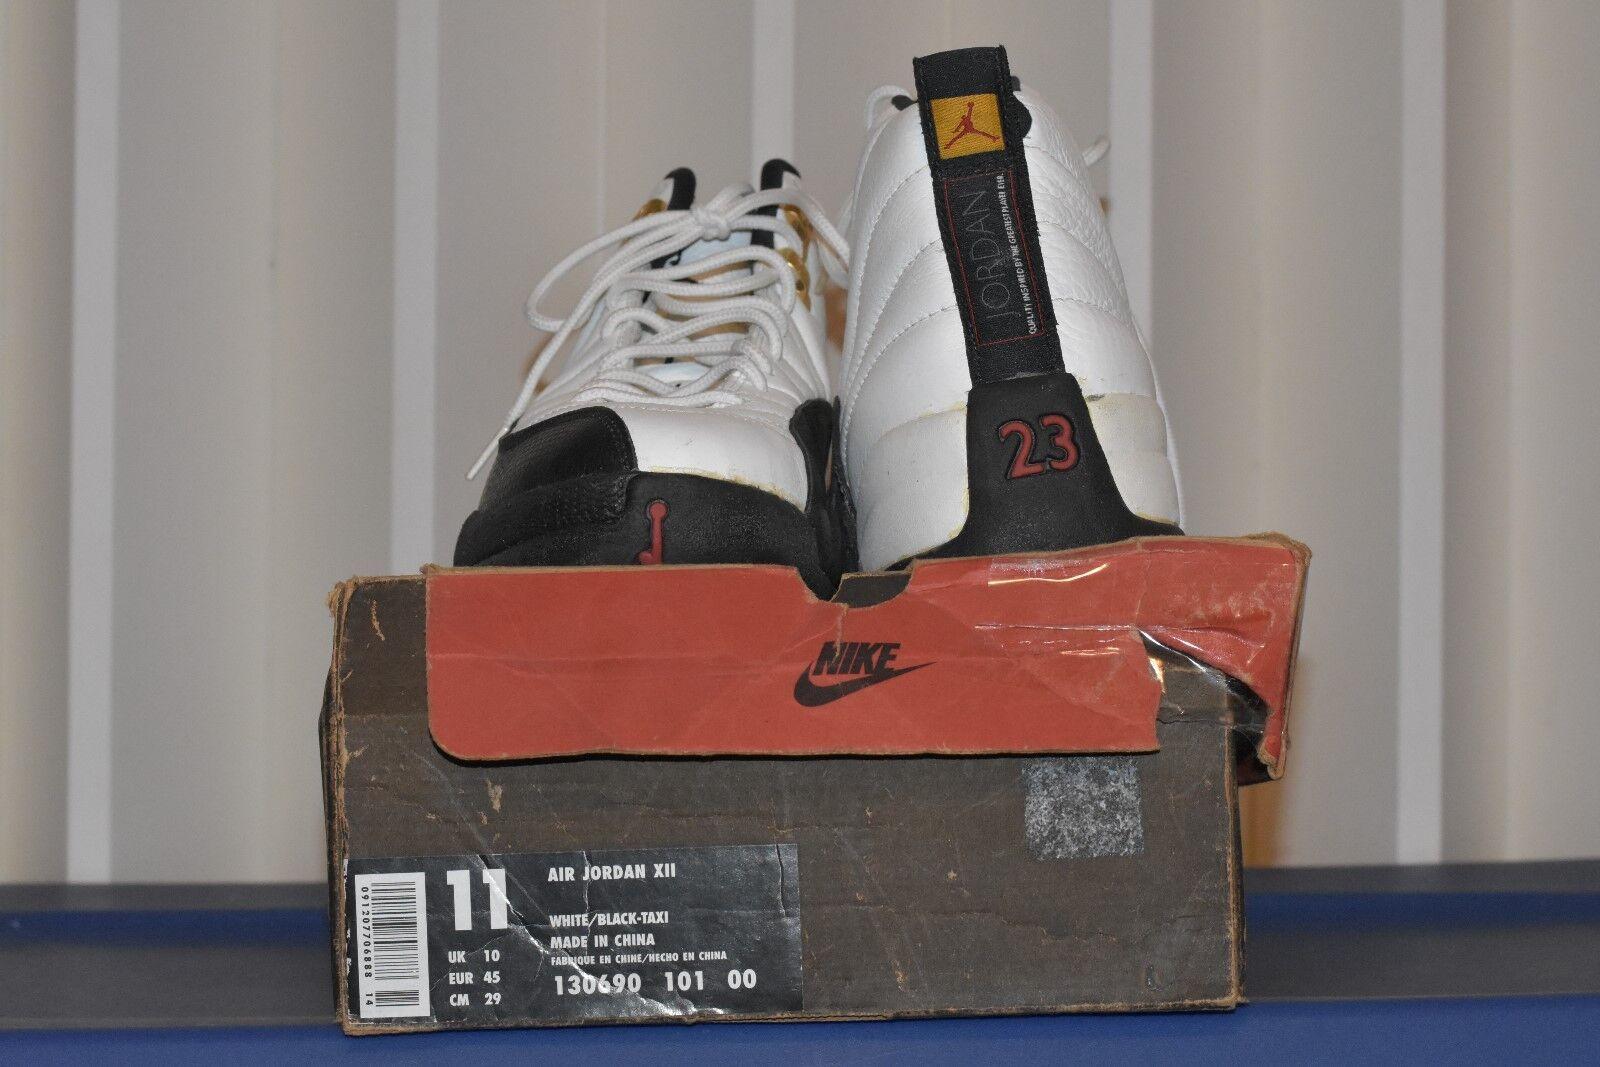 Nike Air Jordan X11 1996 Men wht blk-taxi retro 130690 101 00